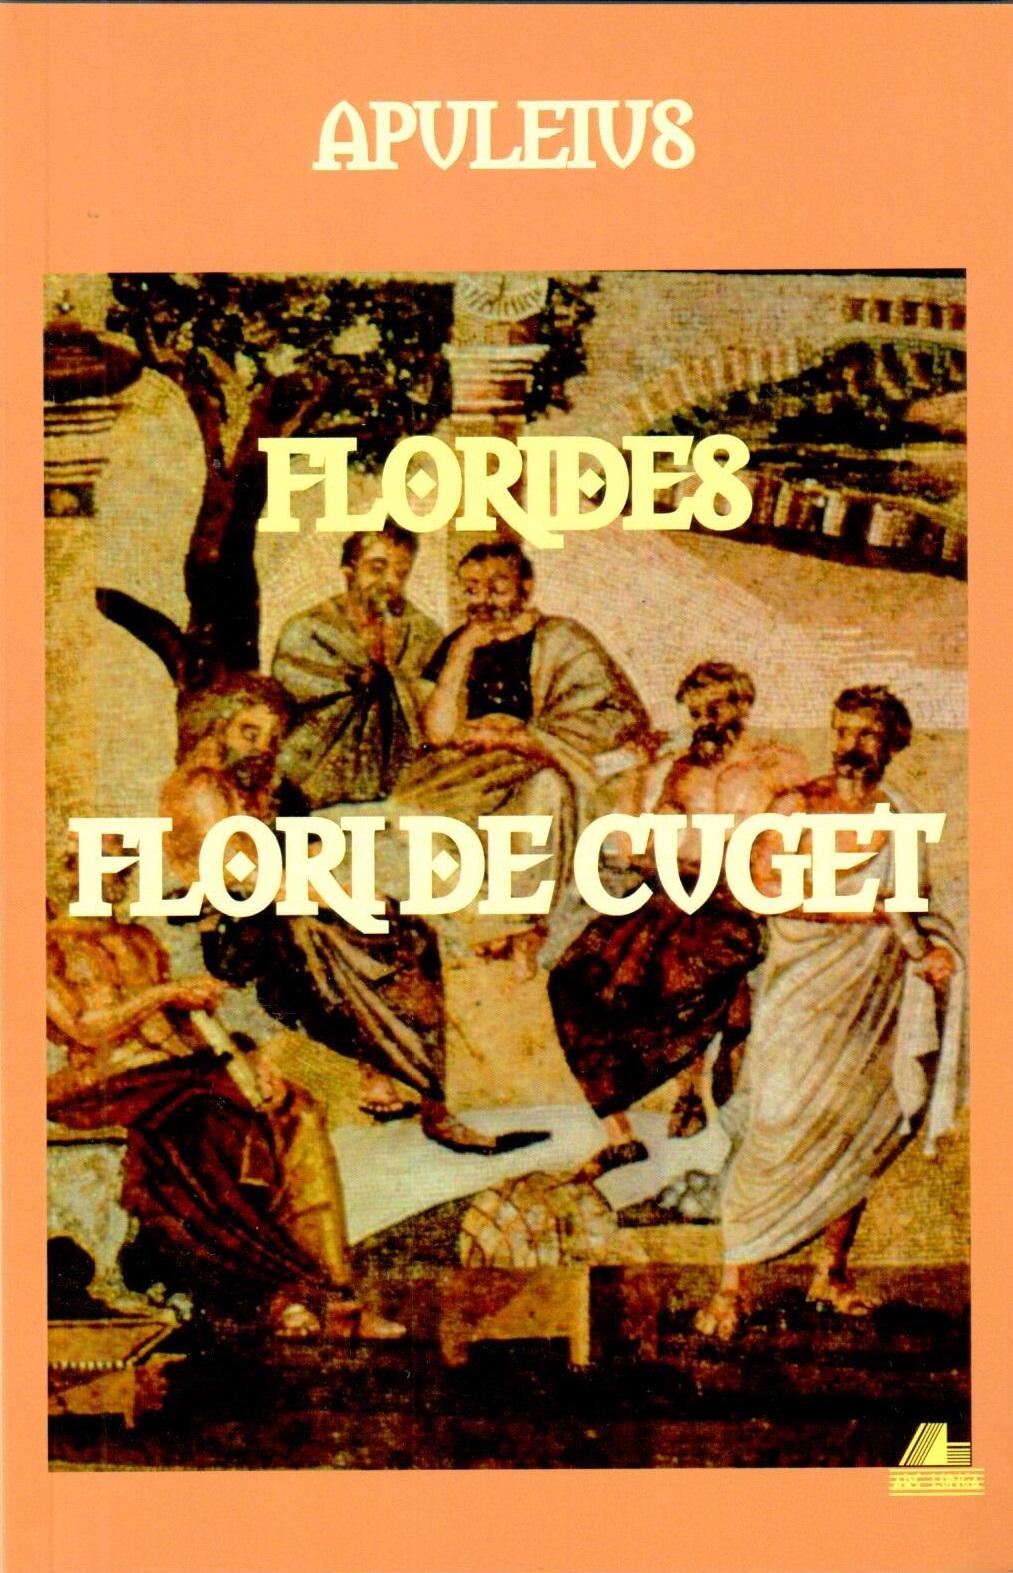 Florides / Flori de cuget